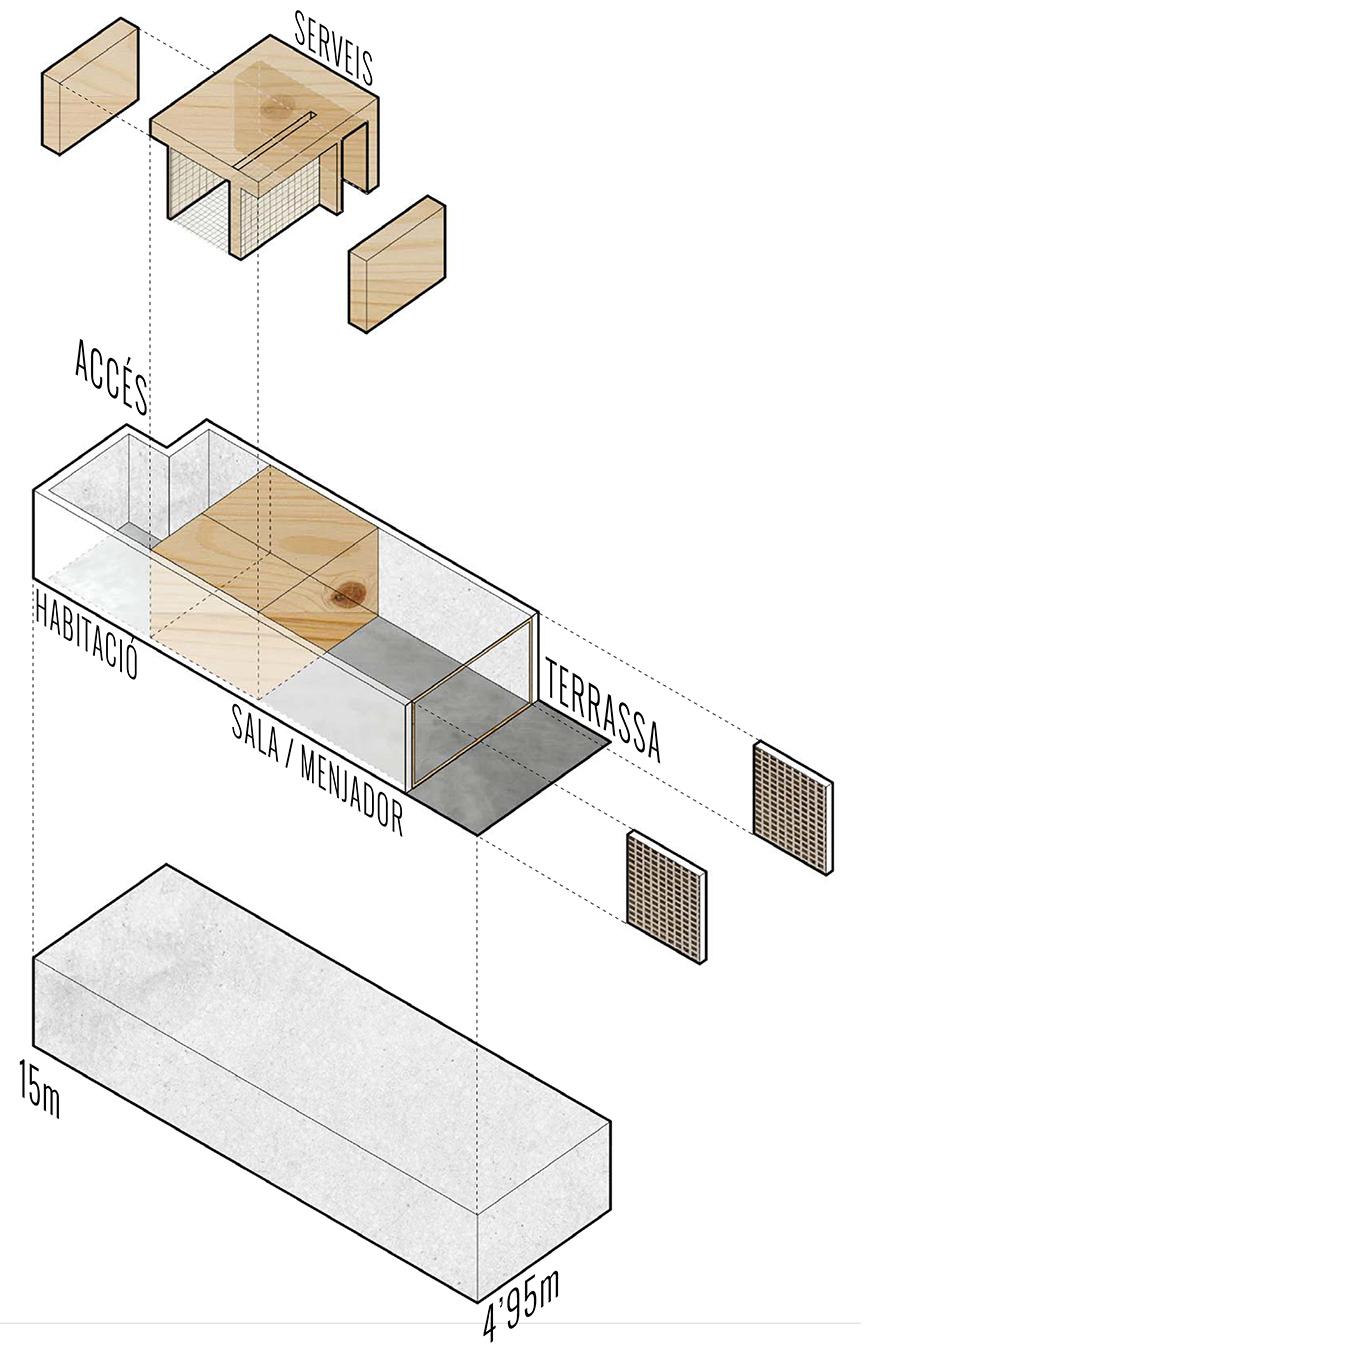 esquema del mòdul d'habiatge de la obra nova, i projecte d'arquitectura d'habitatges, mallorca,